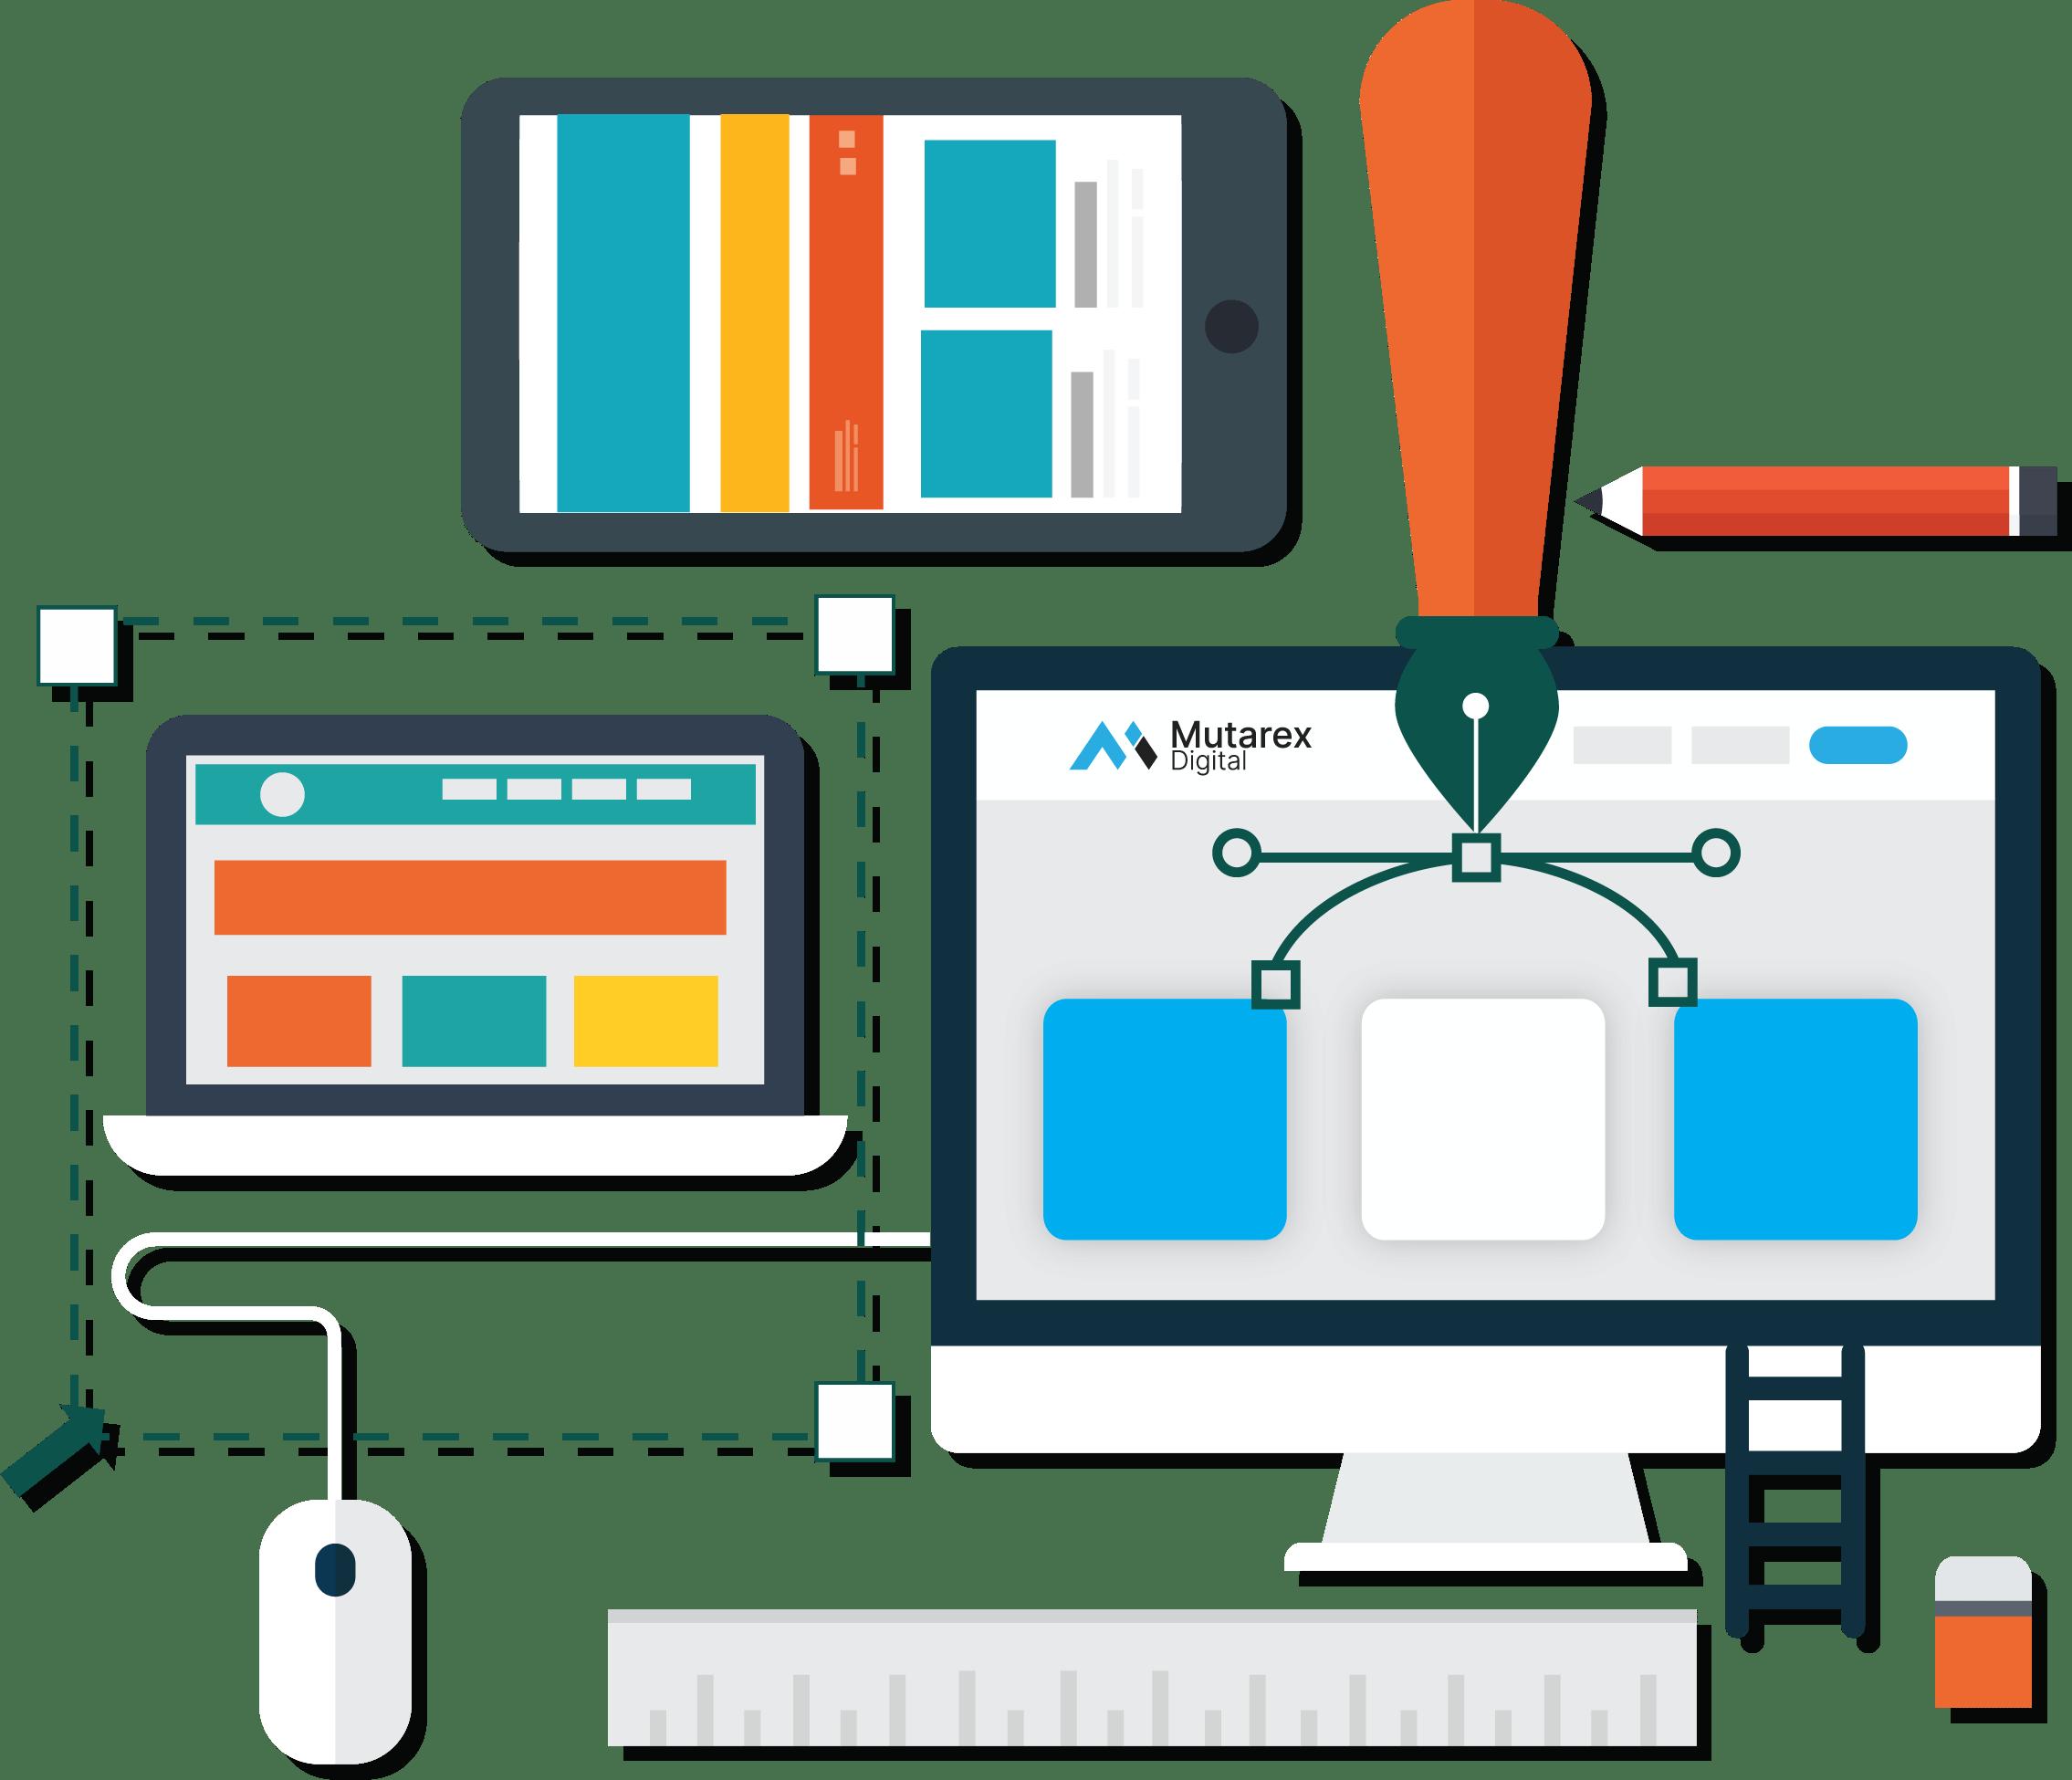 Mutarex Web Designers in Novi MI